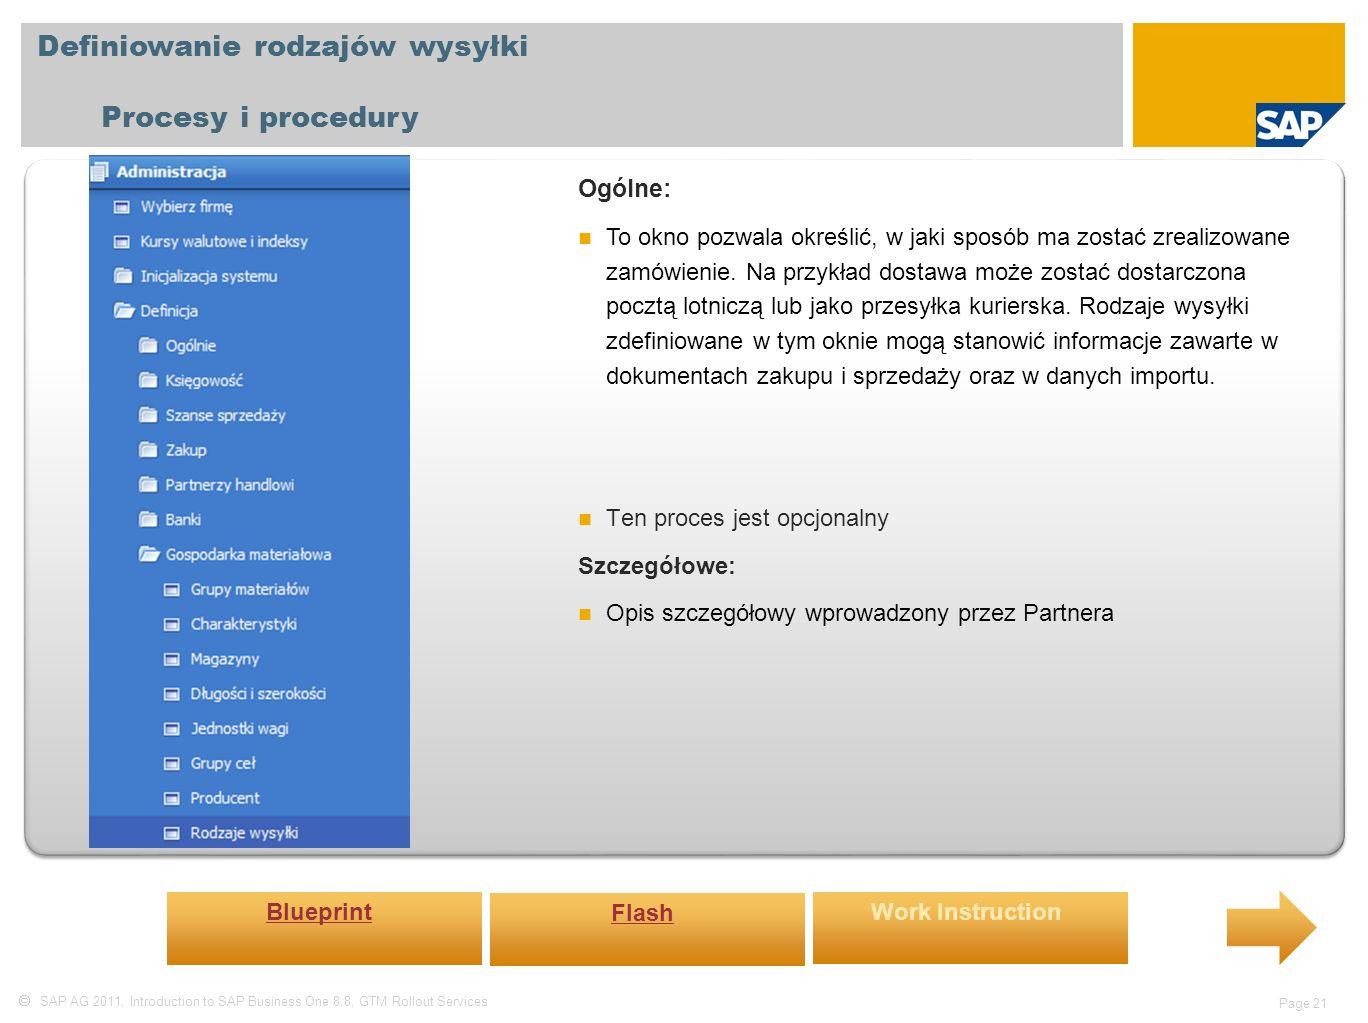  SAP AG 2011, Introduction to SAP Business One 8.8, GTM Rollout Services Page 21 Definiowanie rodzajów wysyłki Procesy i procedury Ogólne: To okno pozwala określić, w jaki sposób ma zostać zrealizowane zamówienie.